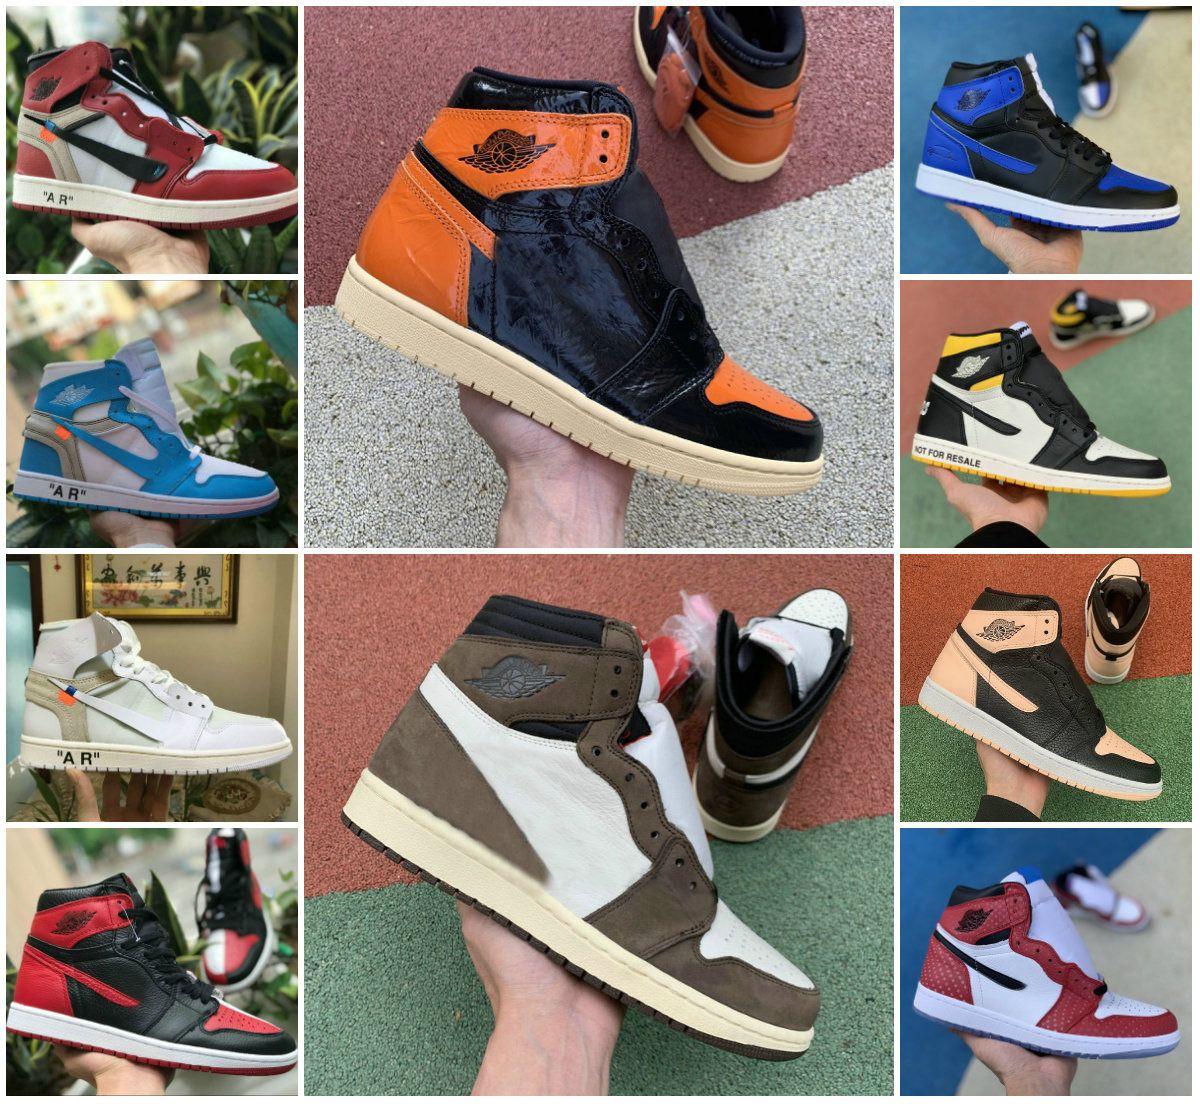 2020 Travis Scotts X High 1 OG AYAKKABI TURBO YEŞİL hayat hikayemin GS Yasaklı NRG X Birliği Retroes 1s Fragment Unc Beyaz Mavi SPOR Casual Sneaker